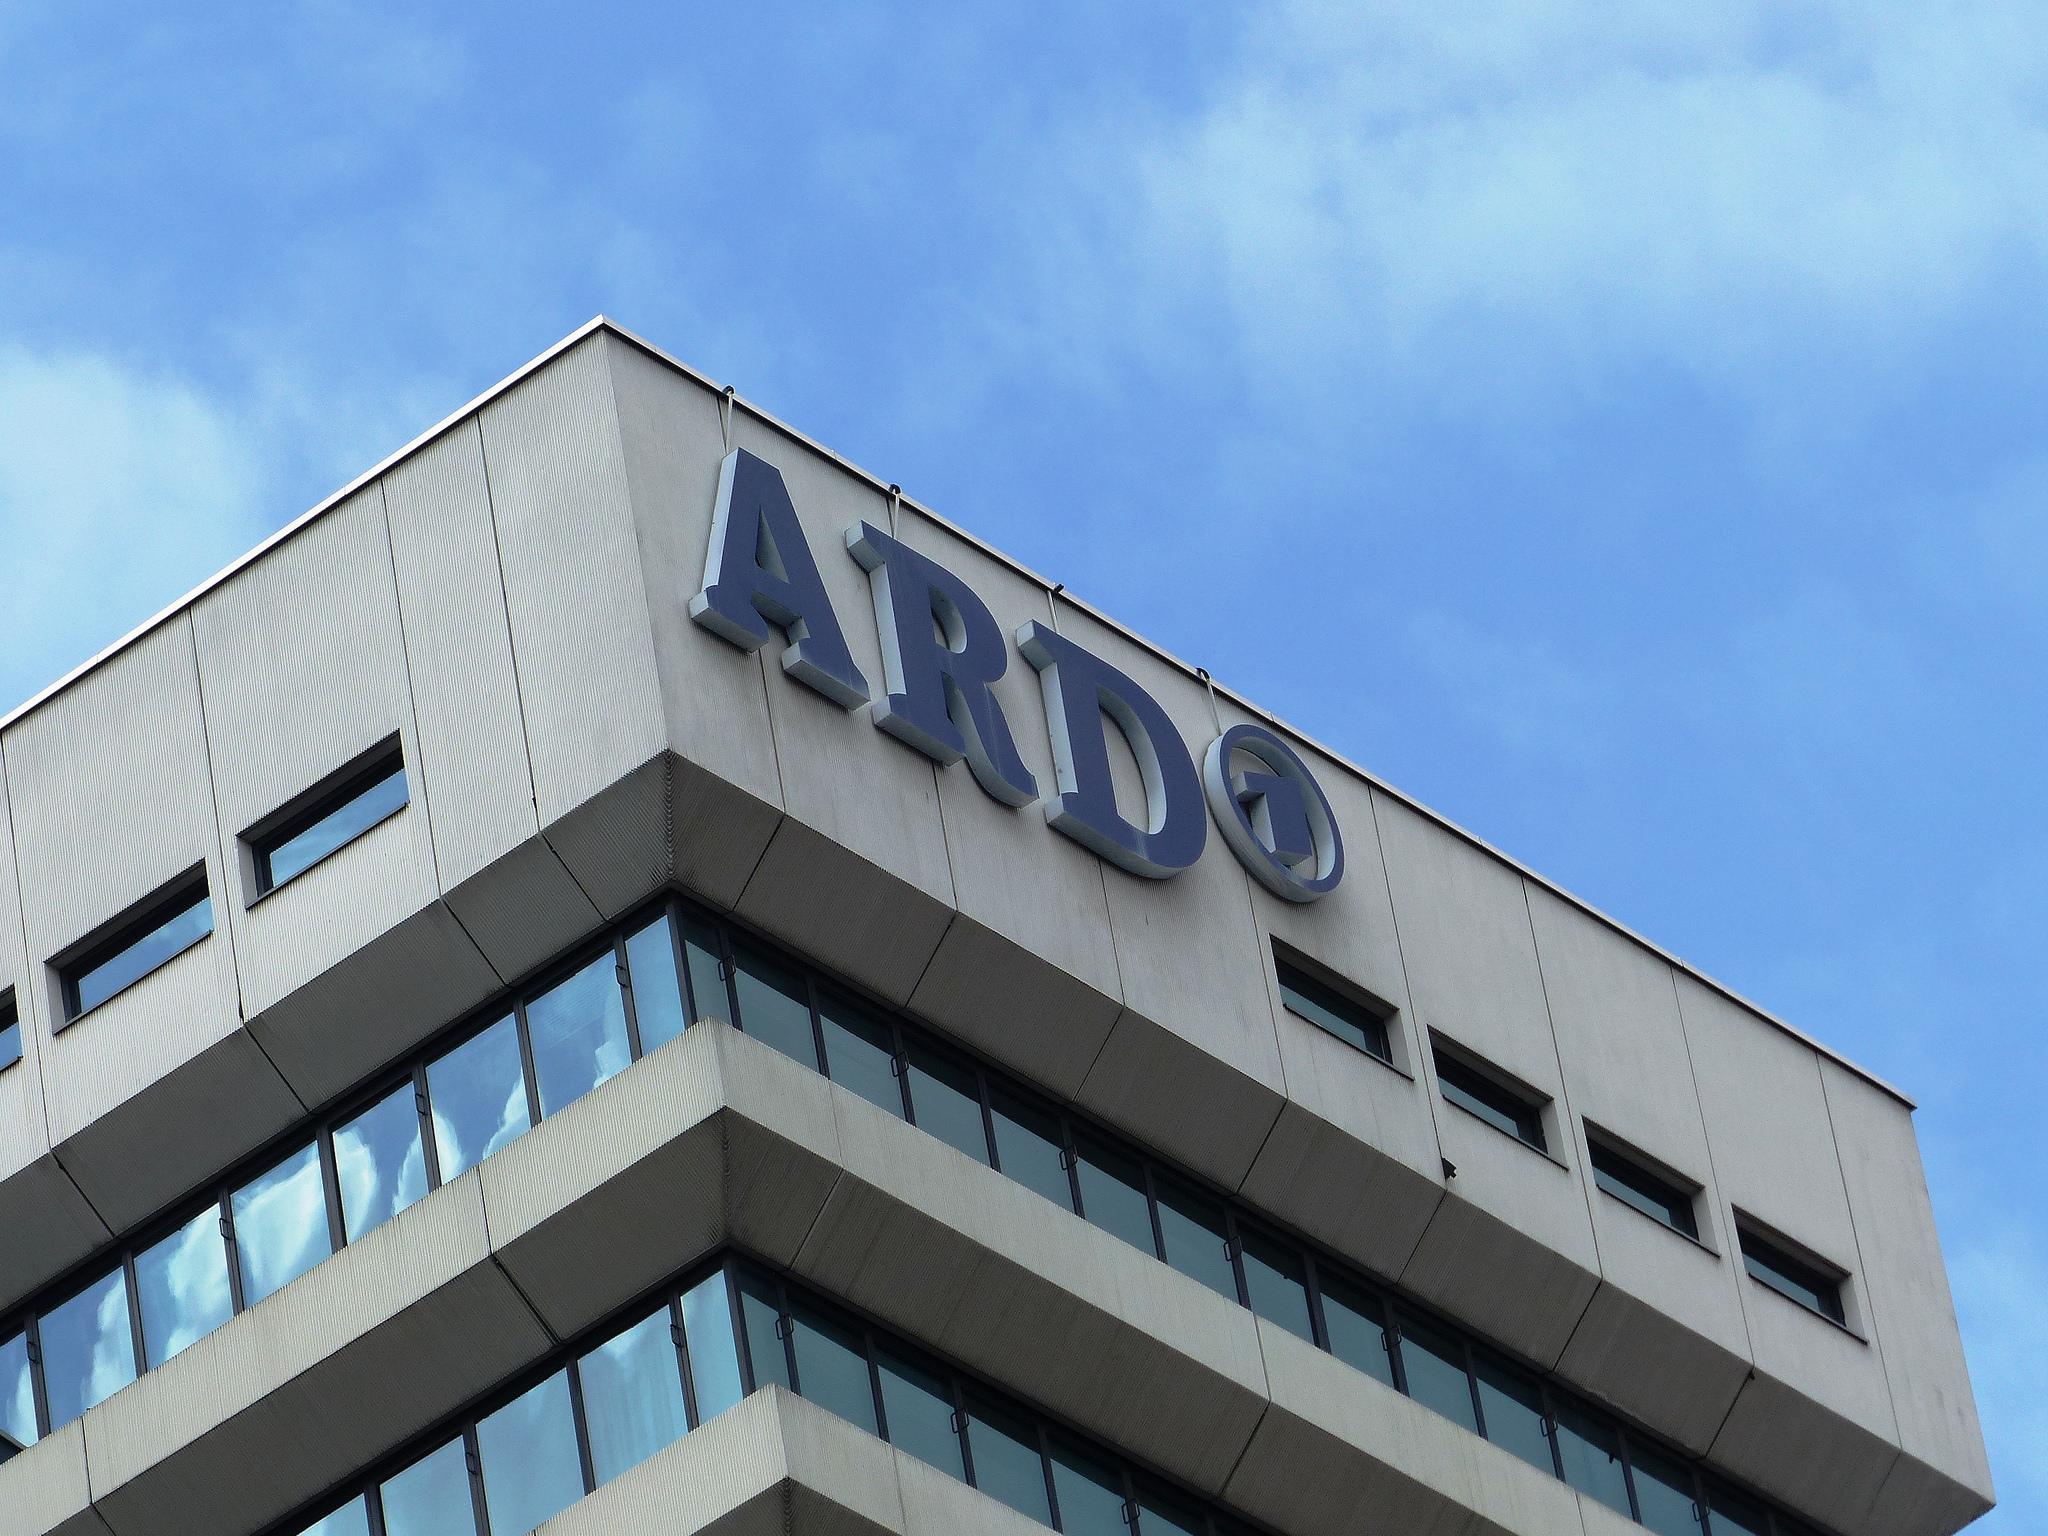 """Die ARD reagierte mit """"Überraschung und Befremden"""" auf die Forderung der Netzallianz. CC BY-SA 2.0, via flickr/Metropolico.org"""